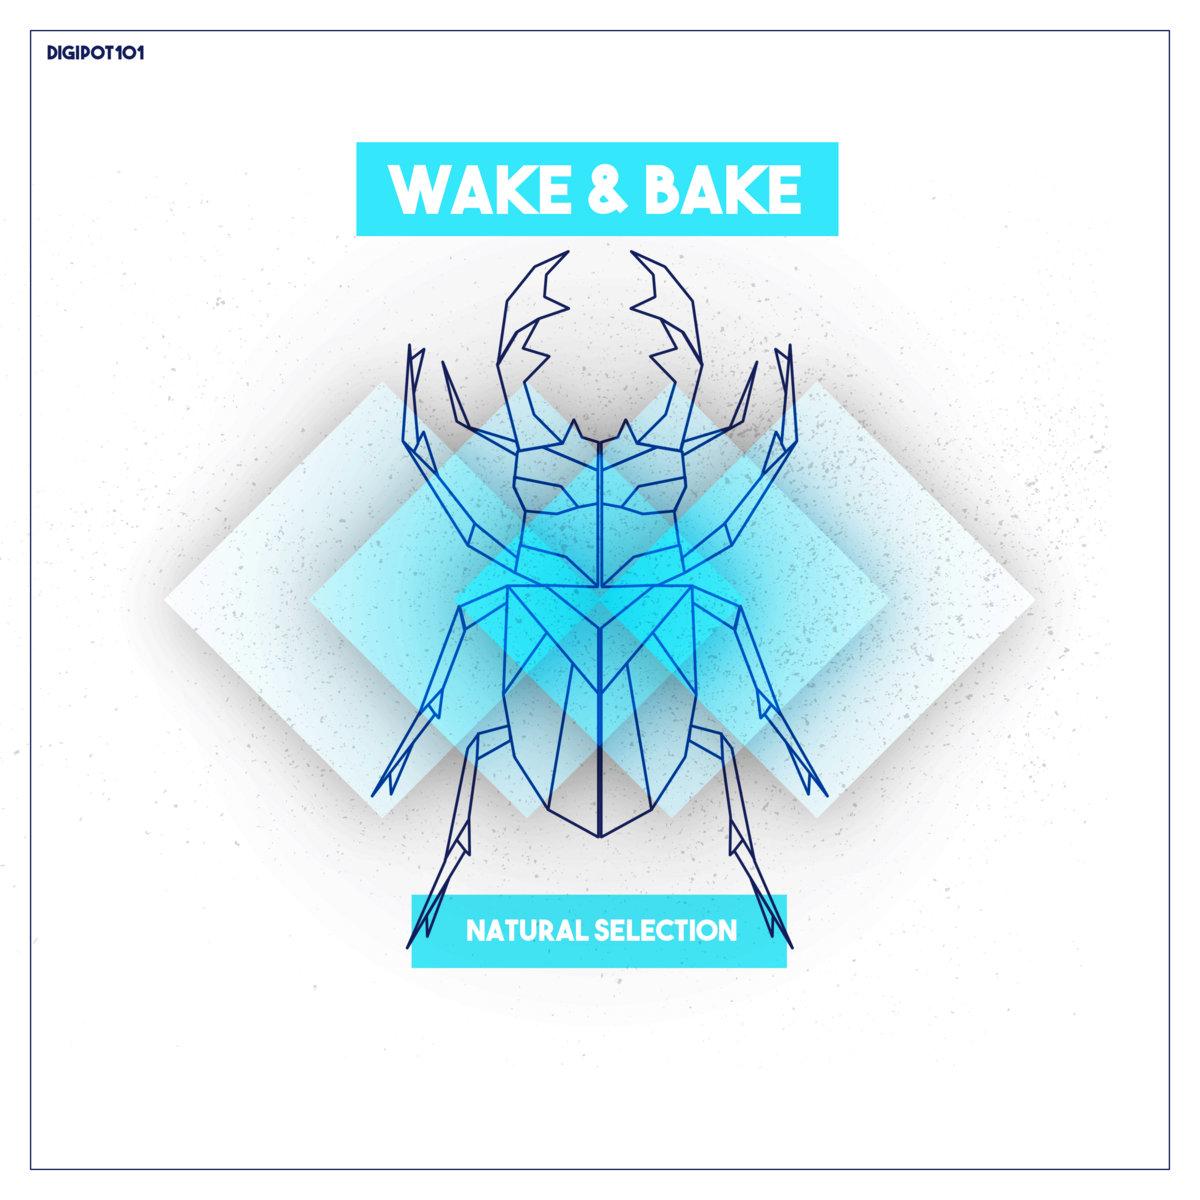 Natural Selection [DIGIPOT101]   Wake & Bake   Melting Pot Records